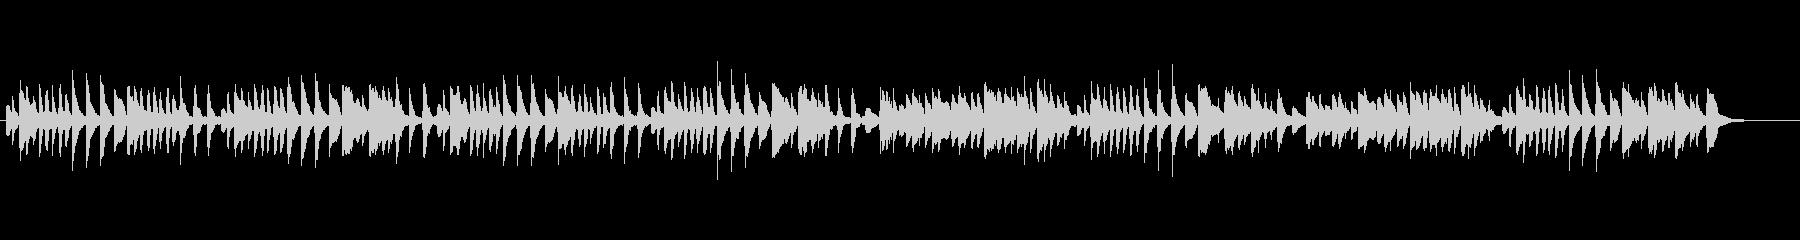 クラシックピアノ、チェルニーNo.11の未再生の波形